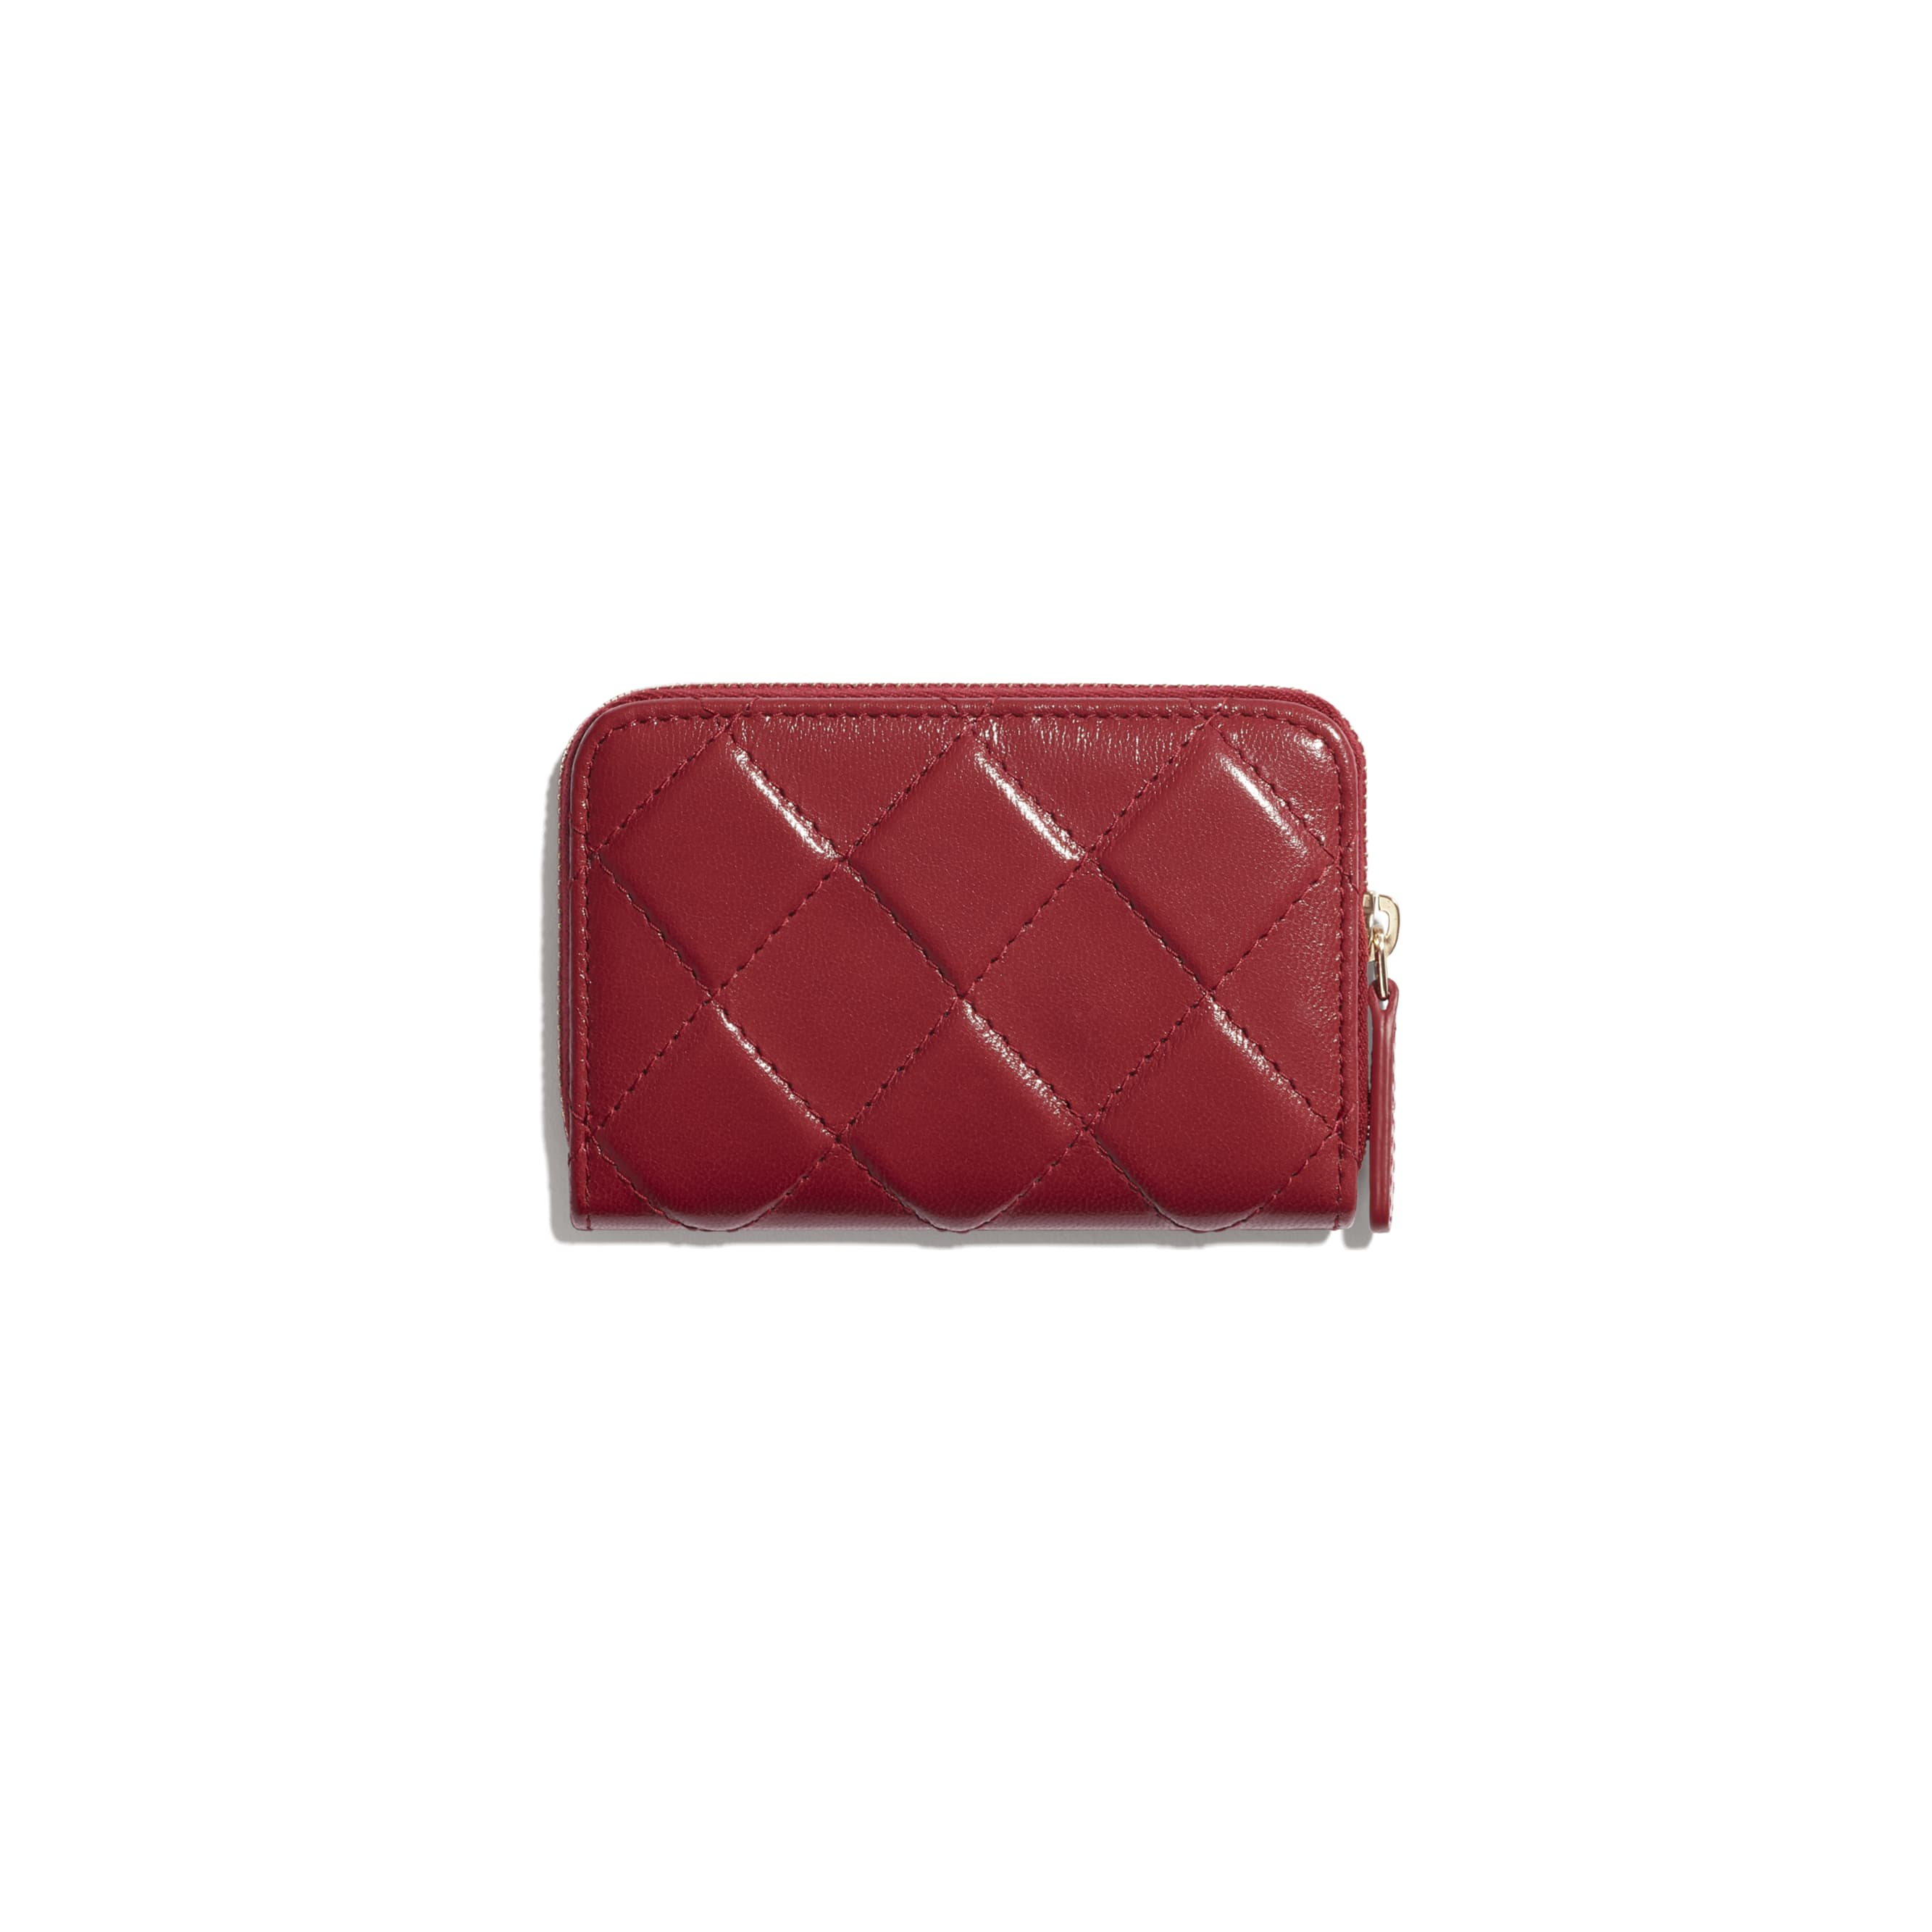 Monedero con cremallera - Rojo - Piel de cabra efecto arrugado con brillos y metal dorado - CHANEL - Vista alternativa - ver la versión tamaño estándar